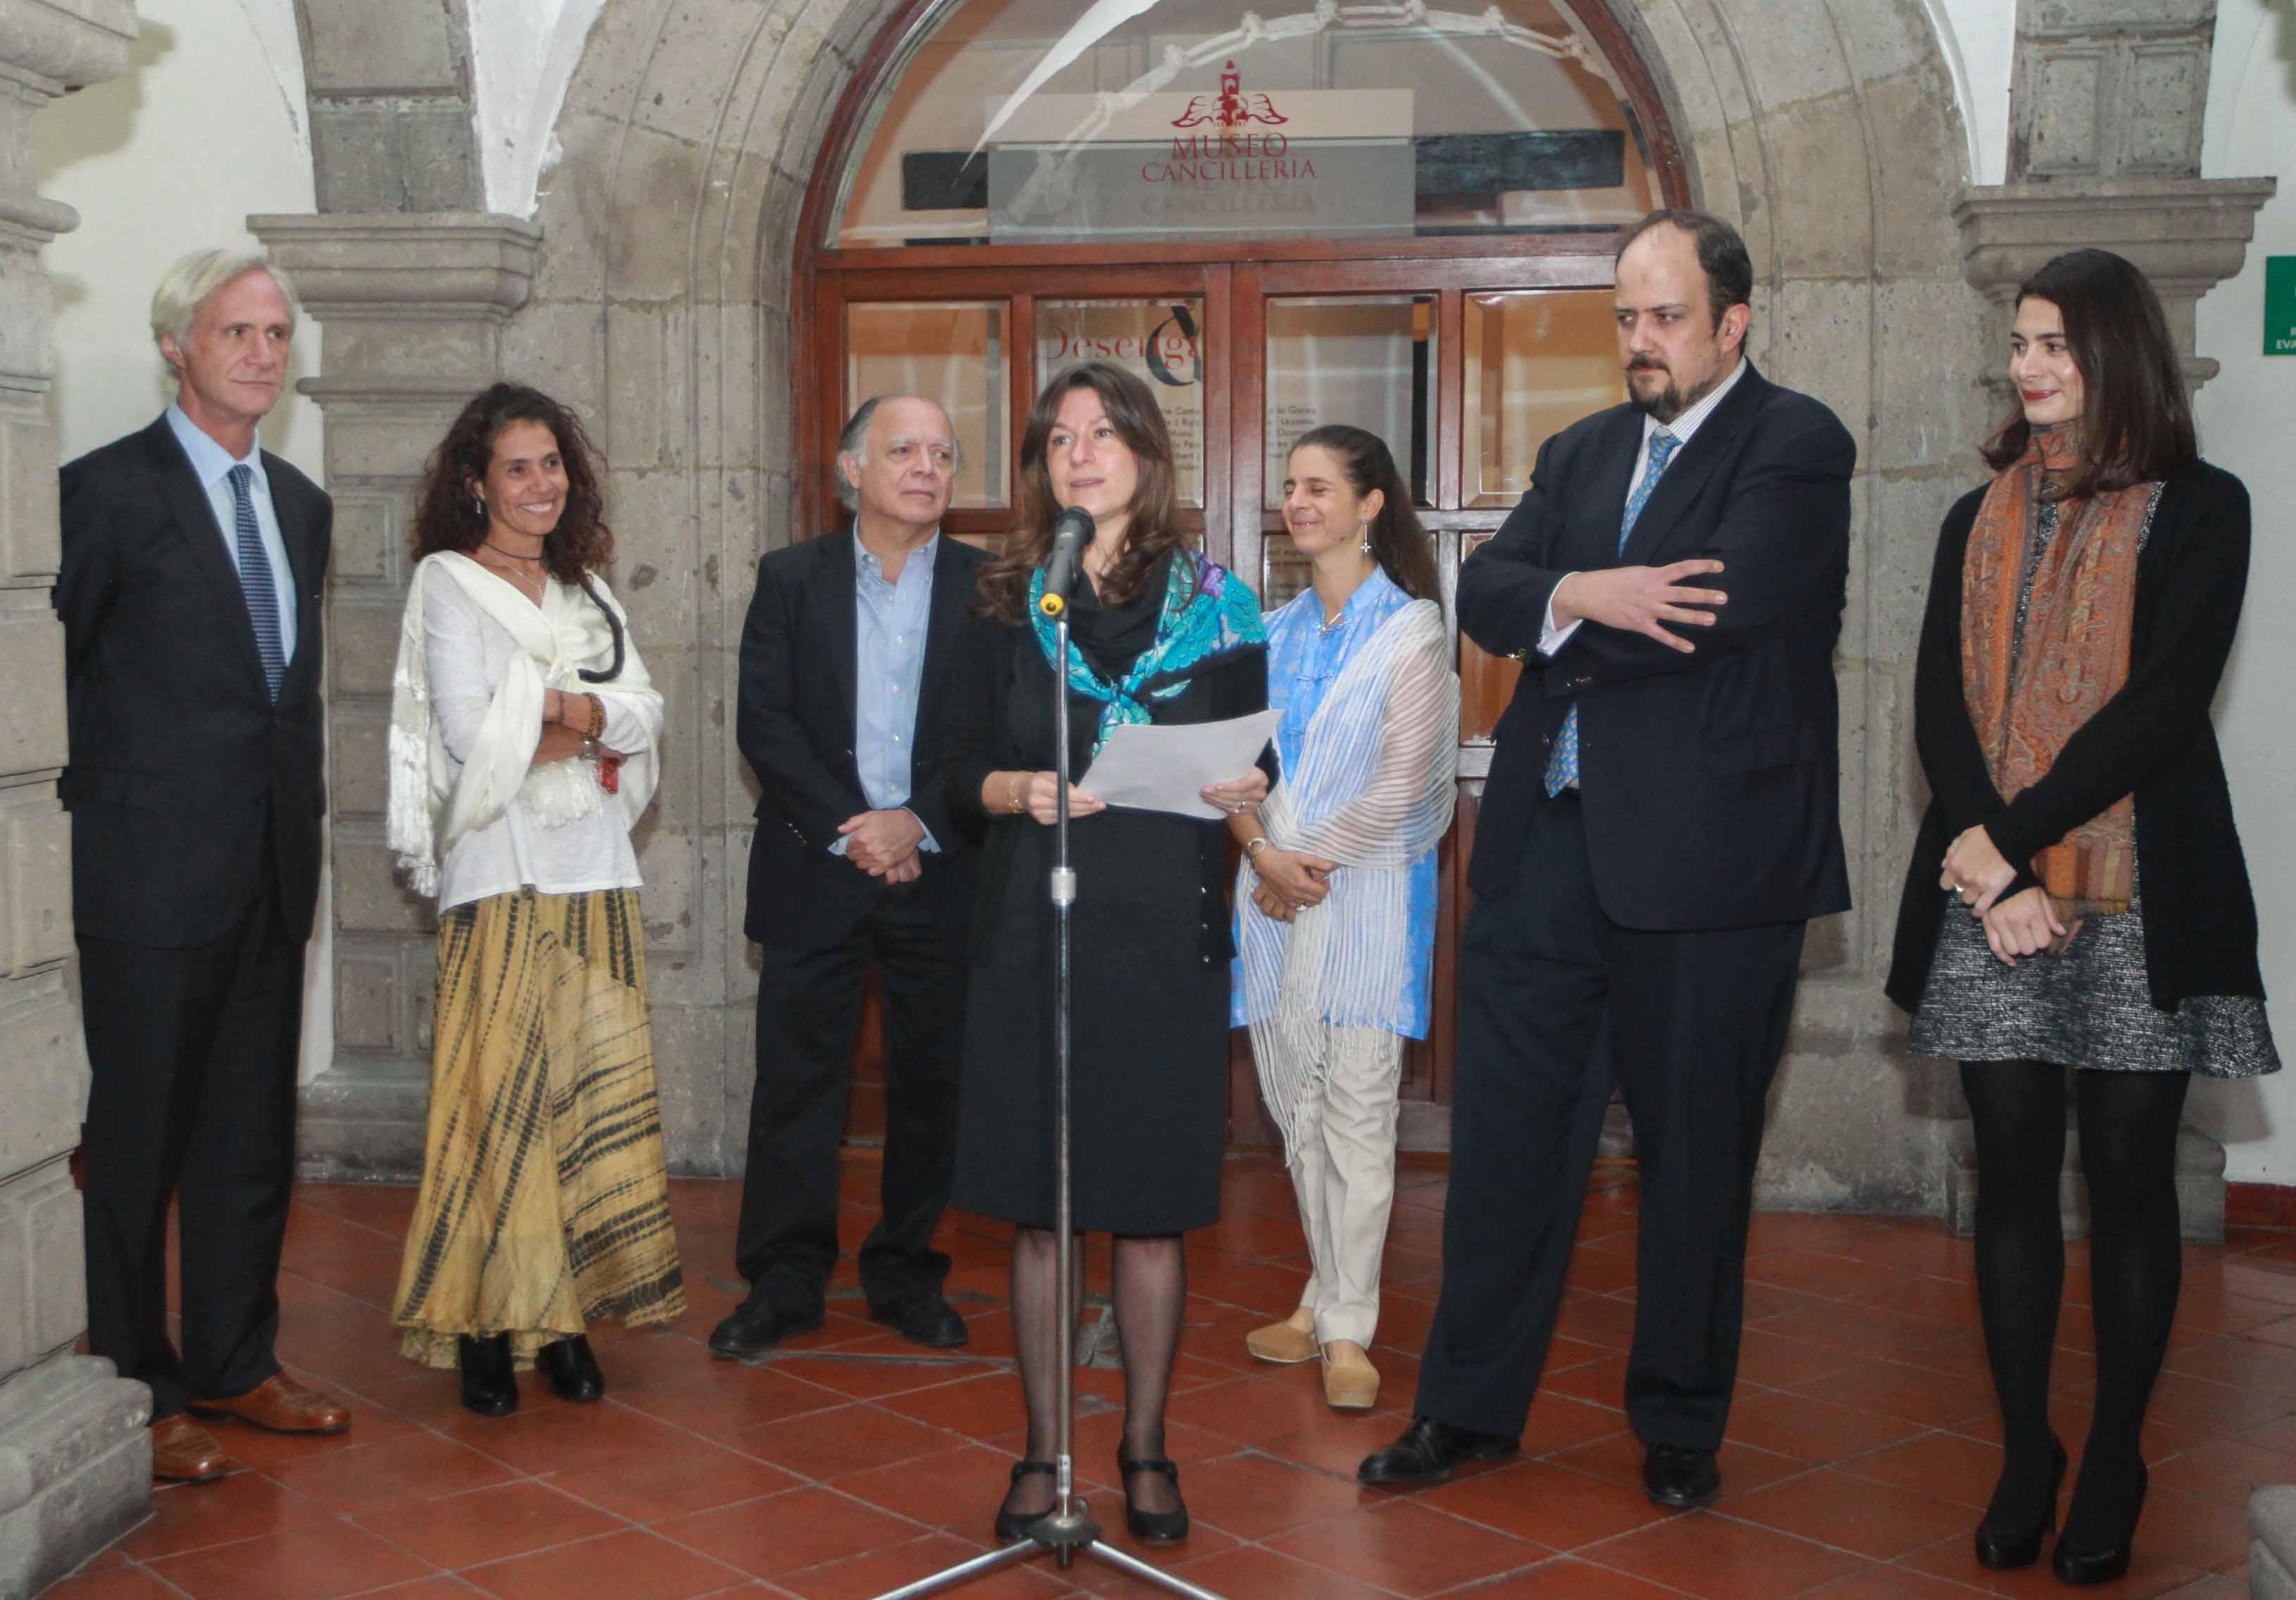 La Secretaría de Relaciones Exteriores (SRE) a través del Instituto Matías Romero y el Museo de la Cancillería inauguraron el día de hoy, tres exposiciones de diferentes artistas contemporáneos mexicanos que podrán ser visitadas hasta al 15 de diciembre d